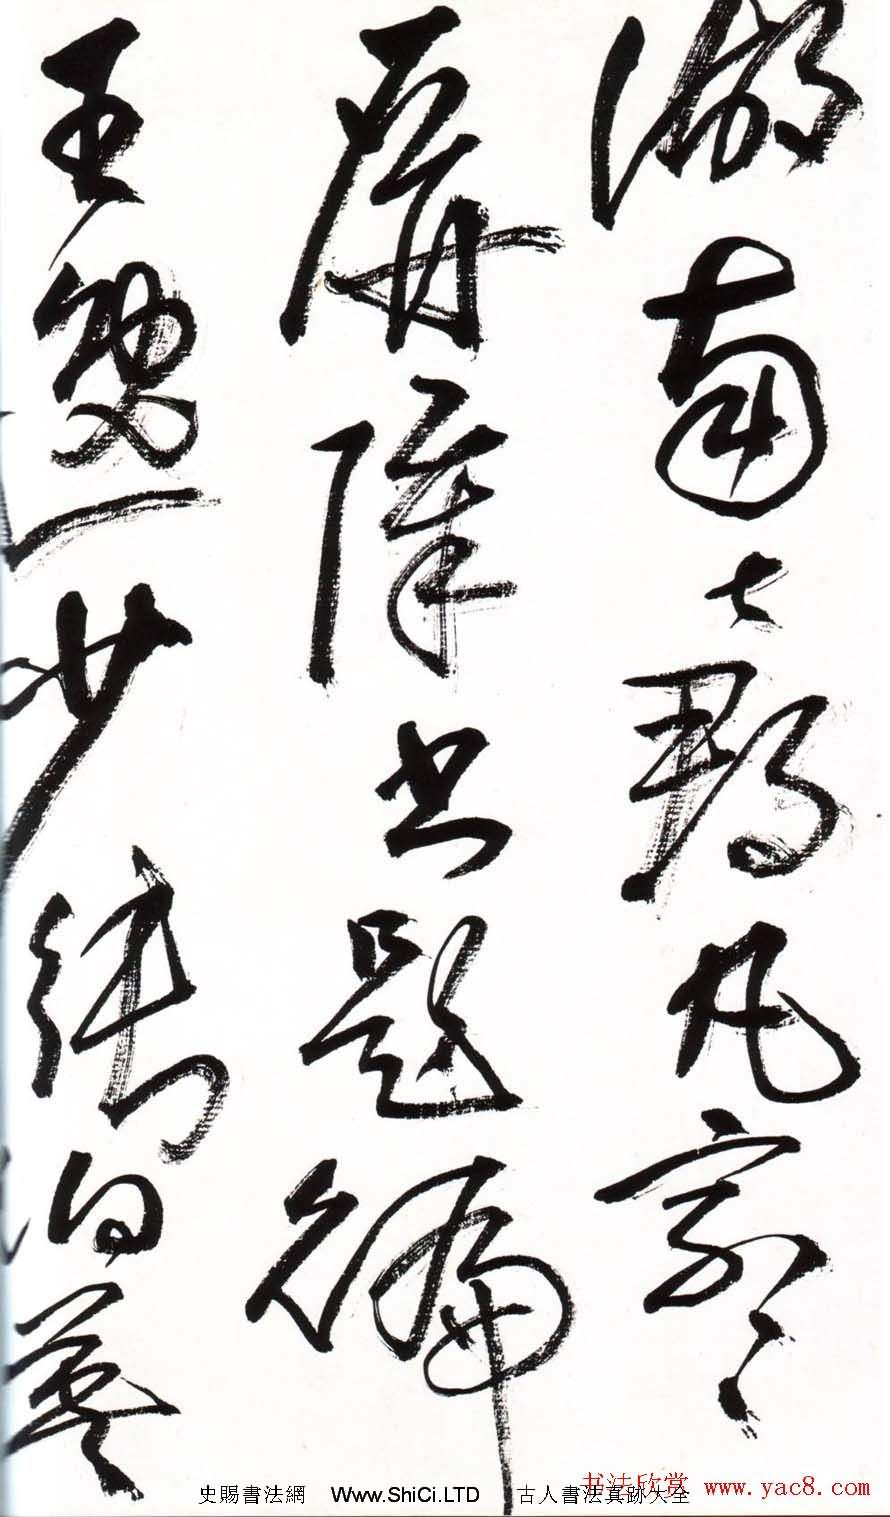 字帖欣賞:黃賓虹草書千字文